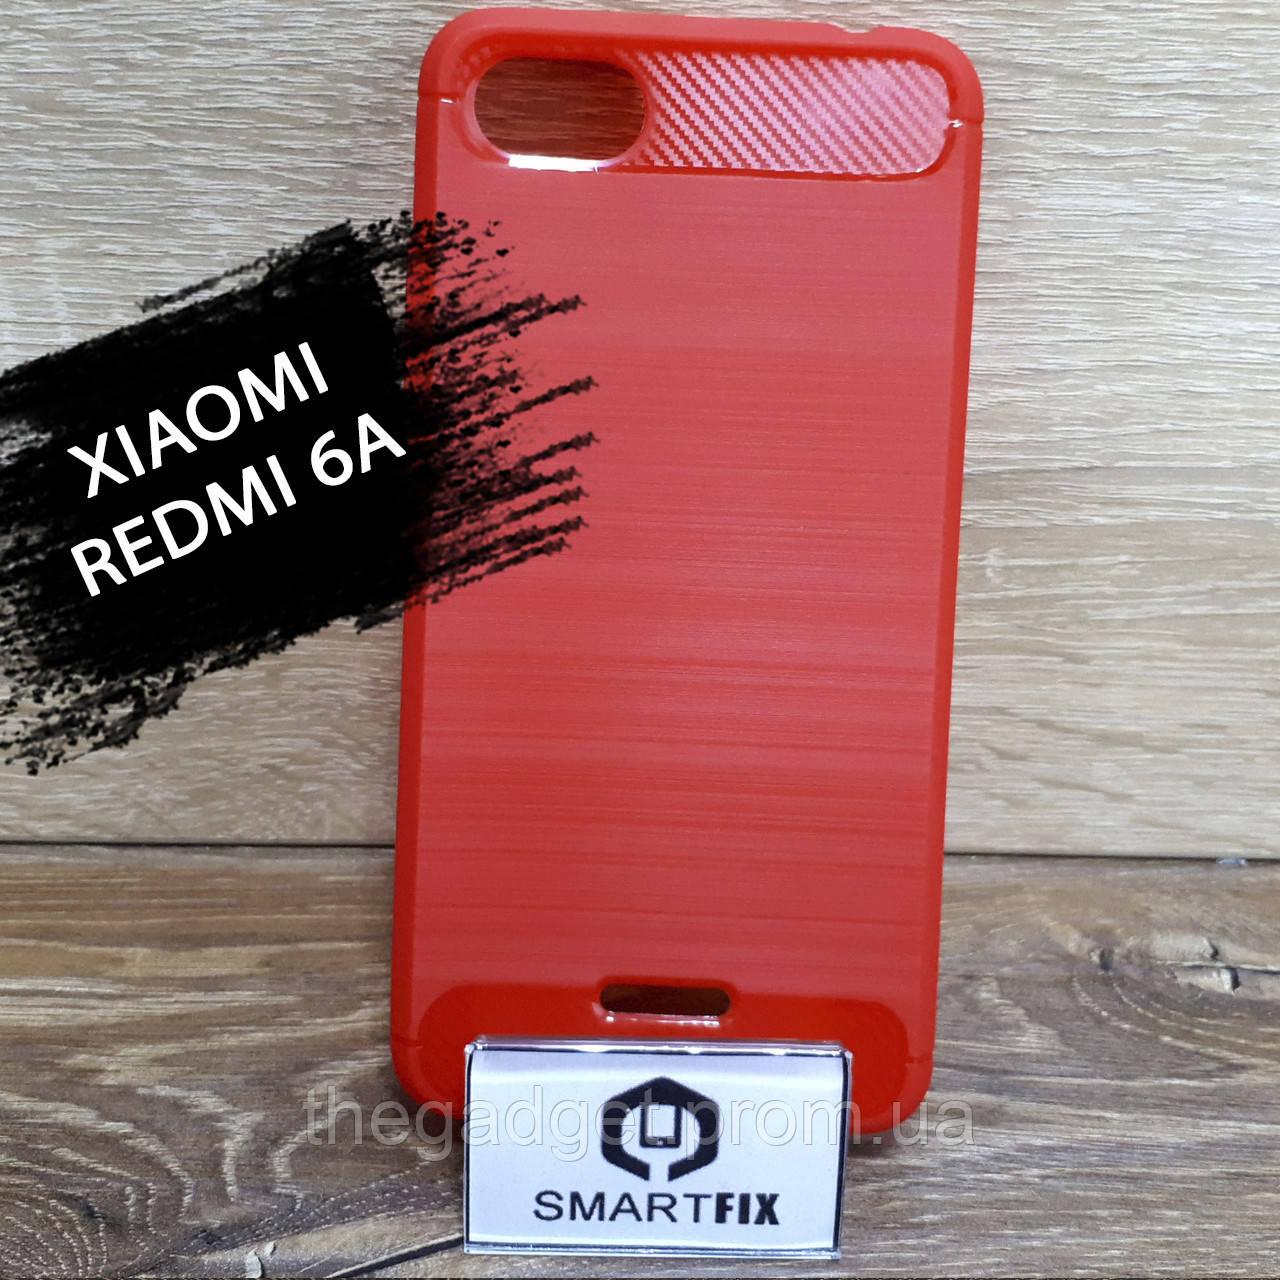 Противоударный чехол для Xiaomi Redmi 6a Ultimate